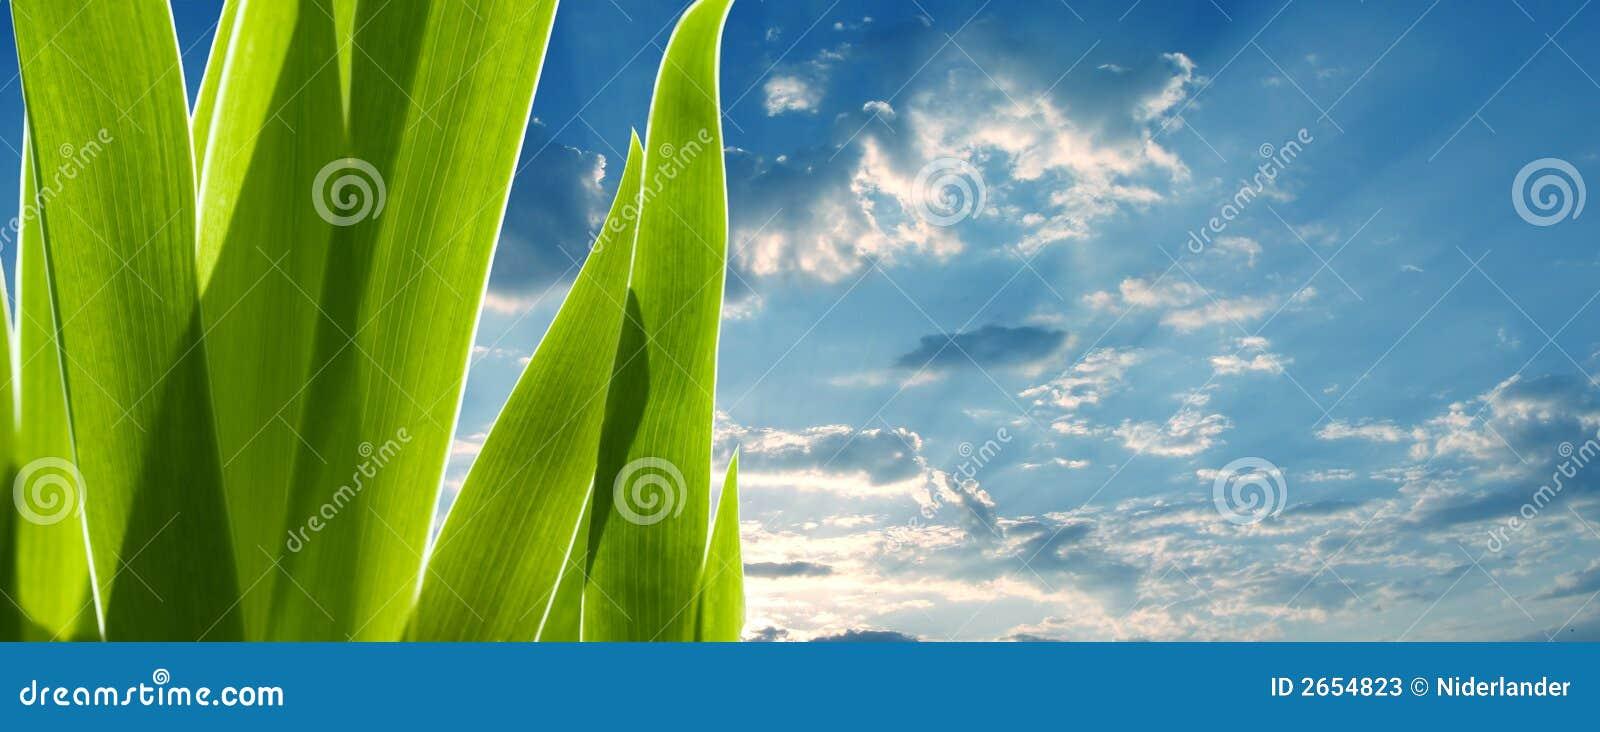 绿色留下天空